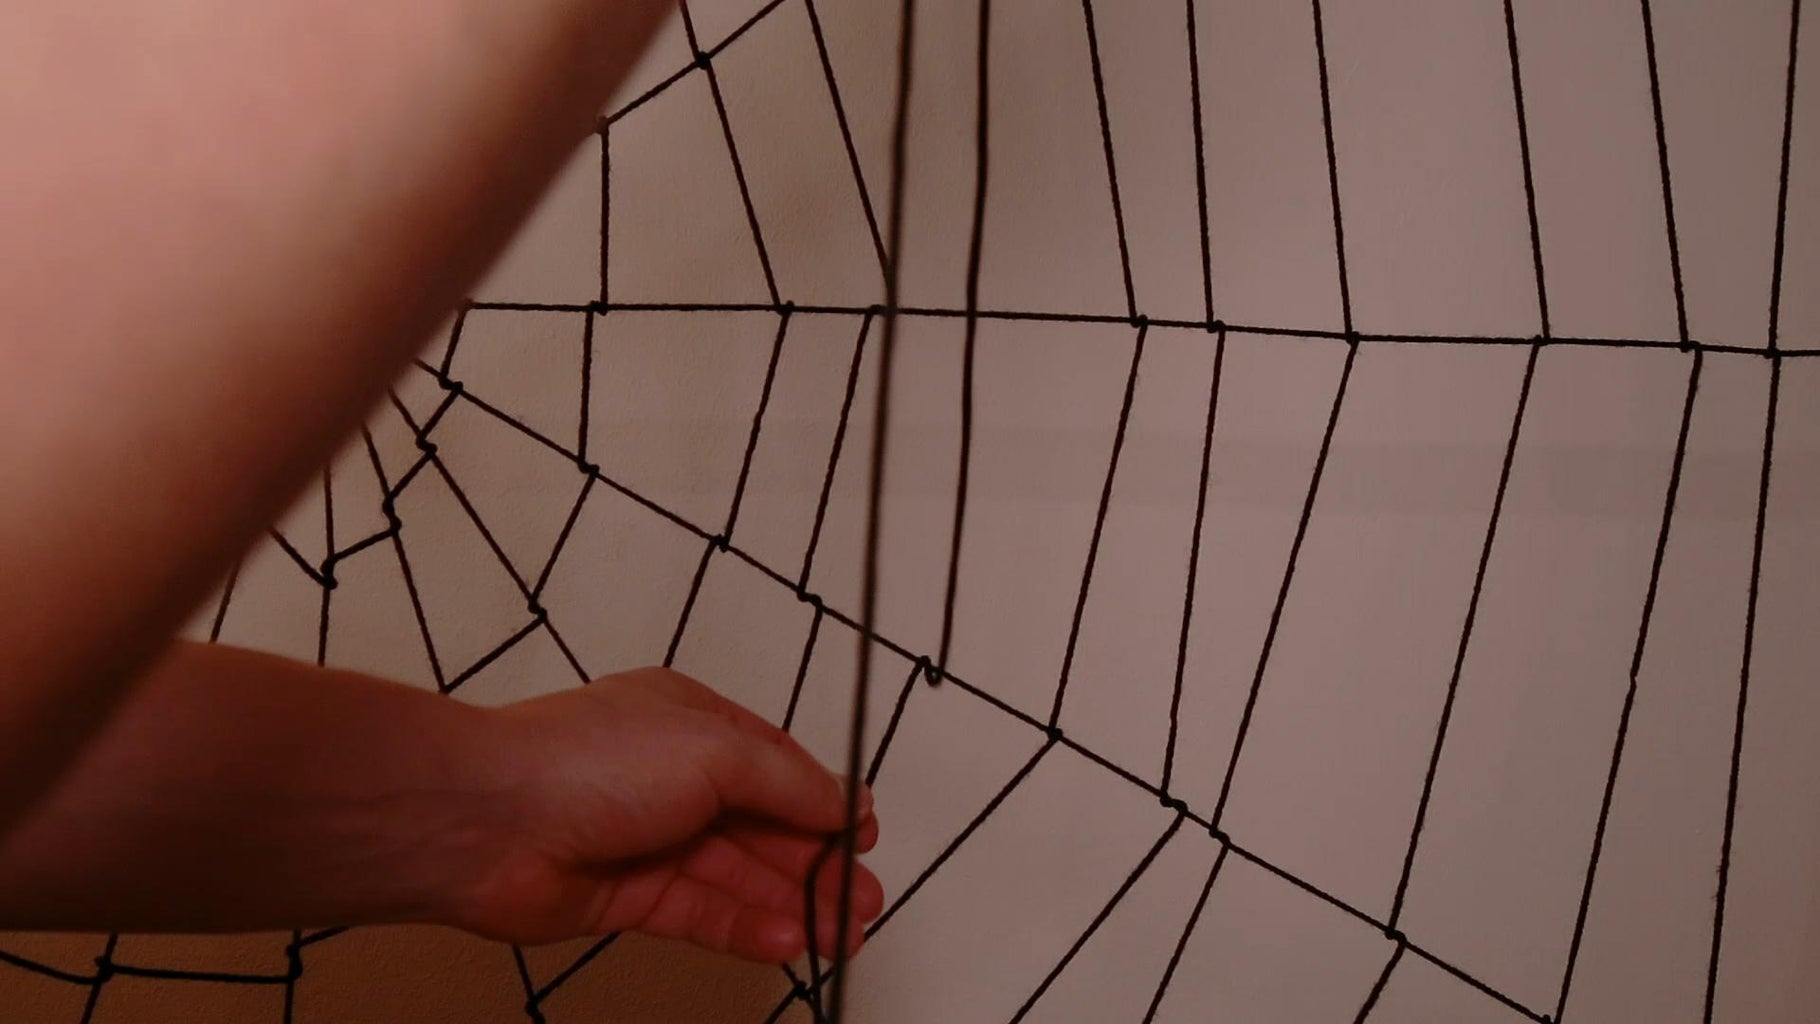 Spider Web Capture Spiral